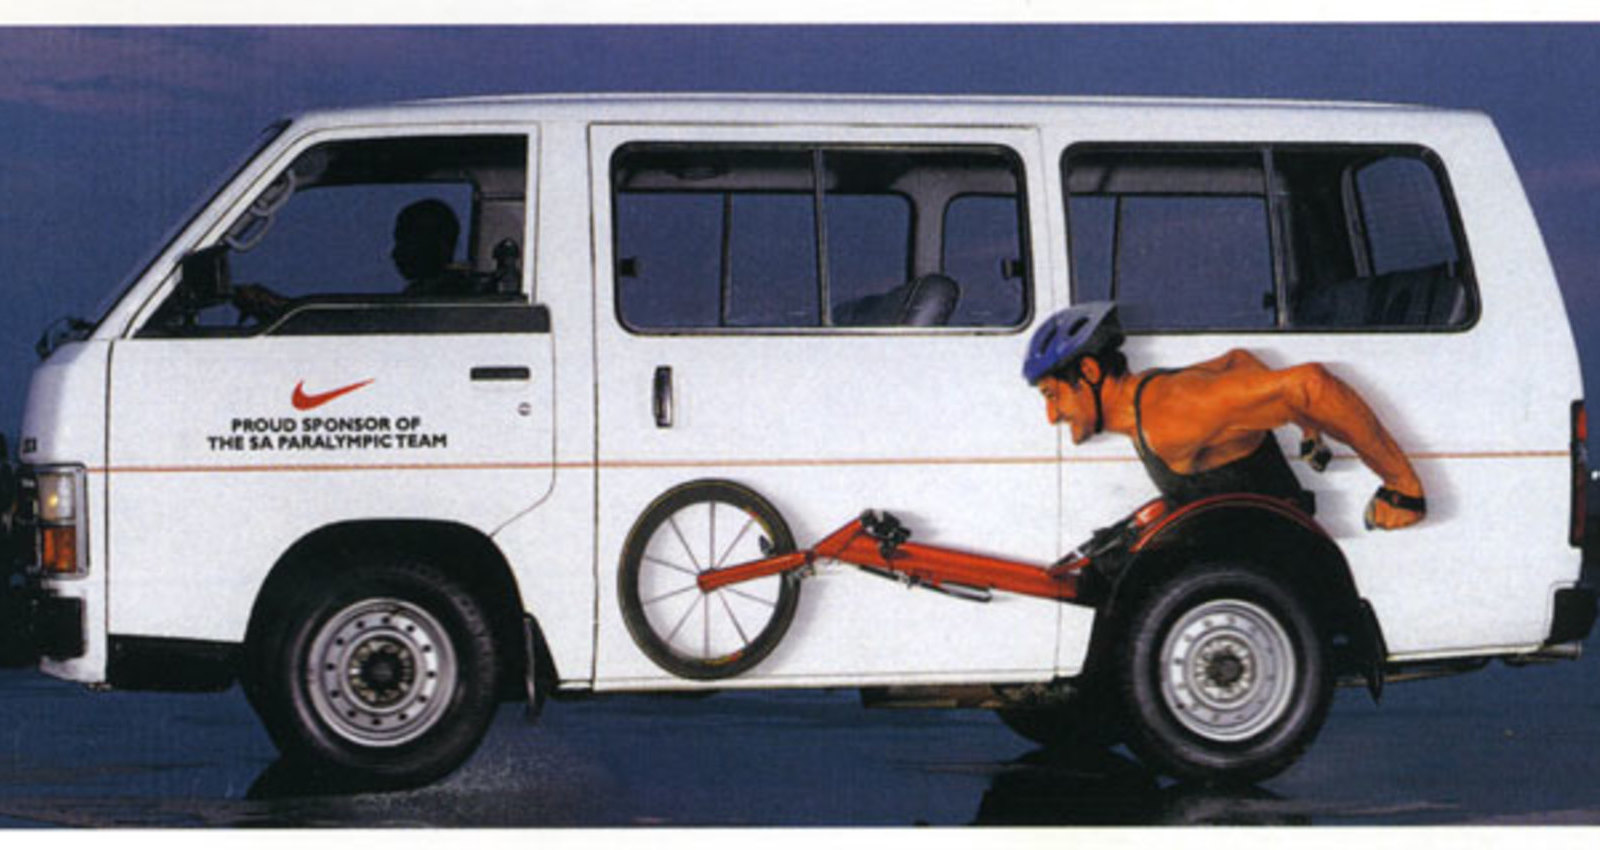 Paralympics 2000